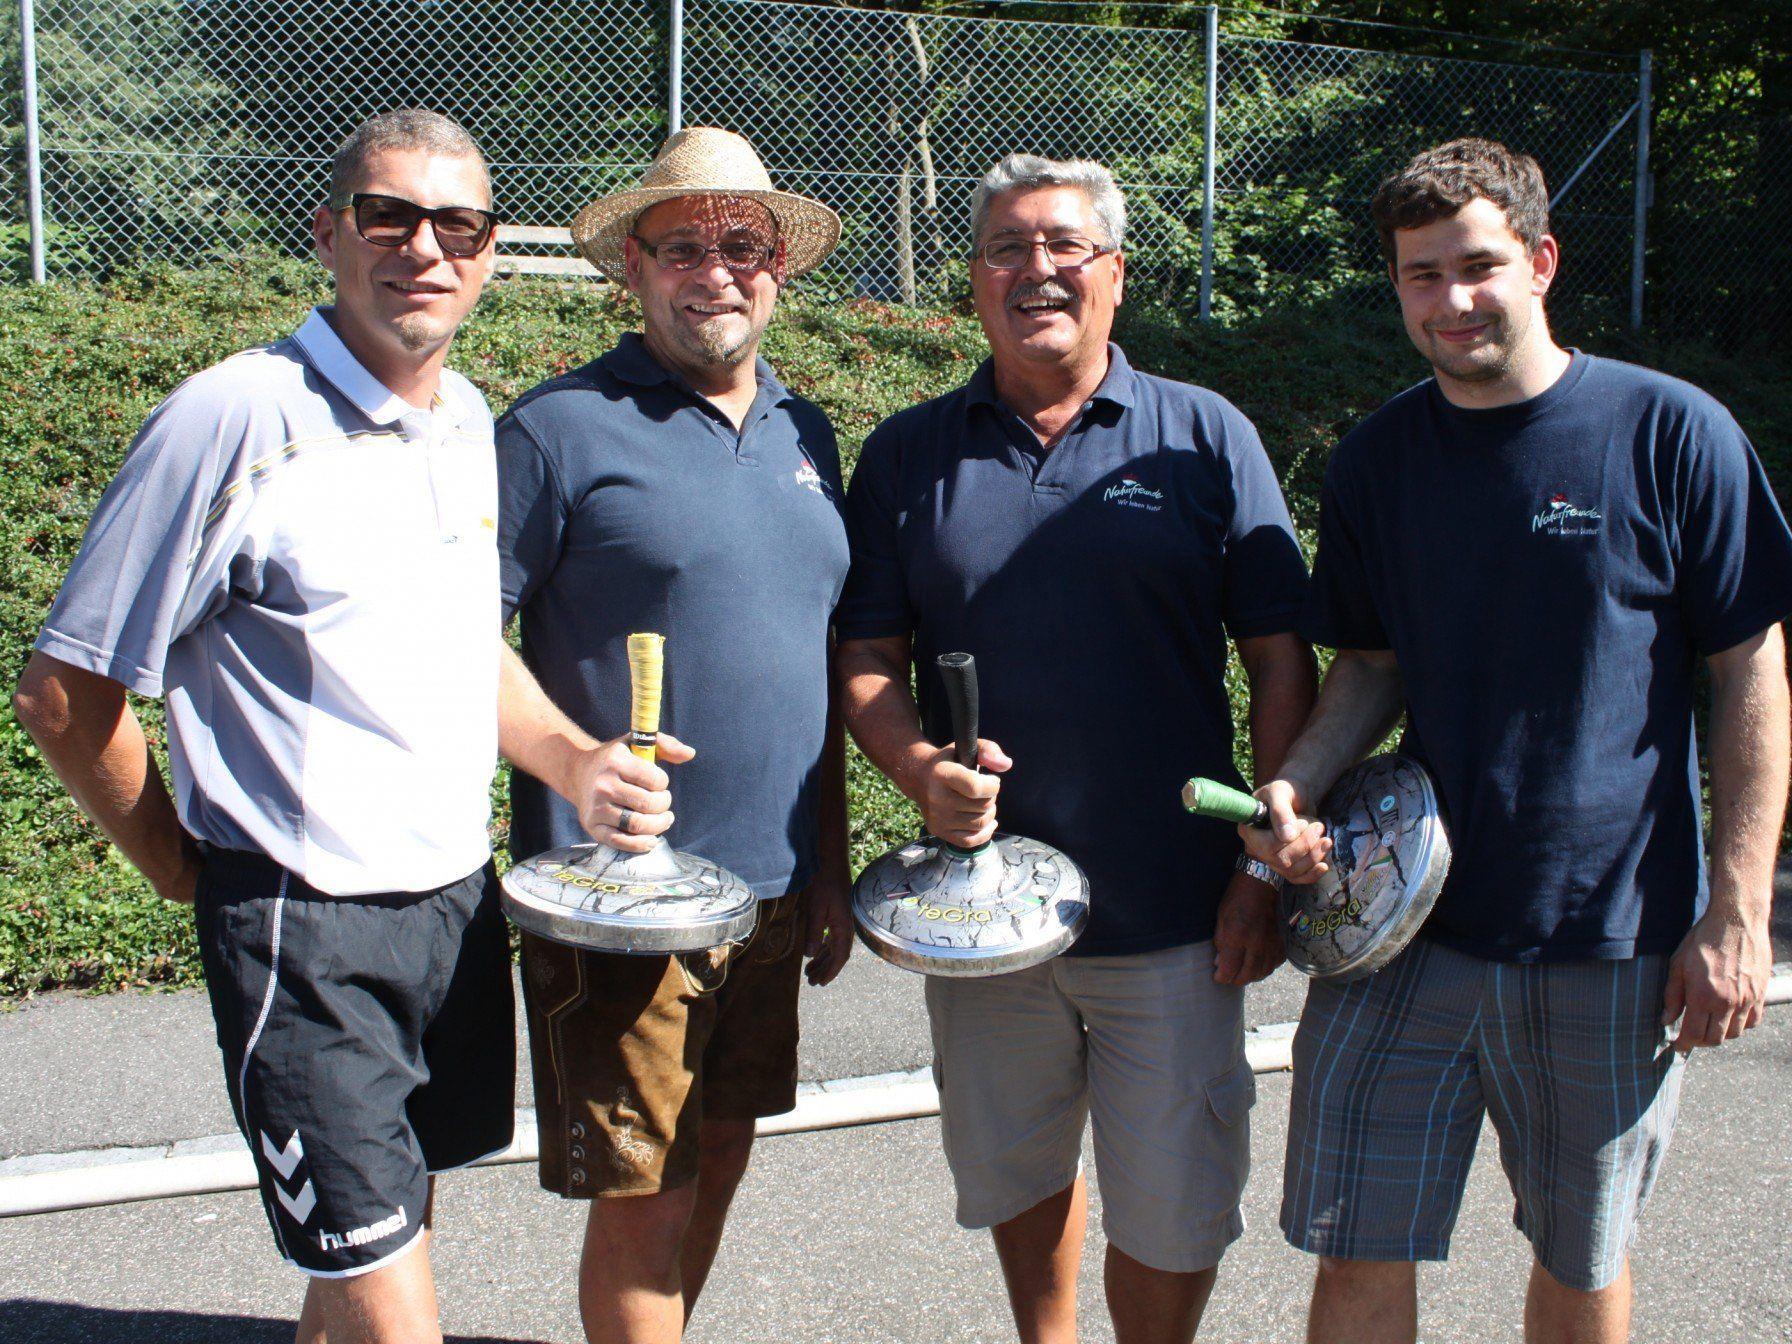 Vereins- und Firmenmannschaften sind zum 15. Lochauer Hobby-Stocksport-Turnier herzlich eingeladen.